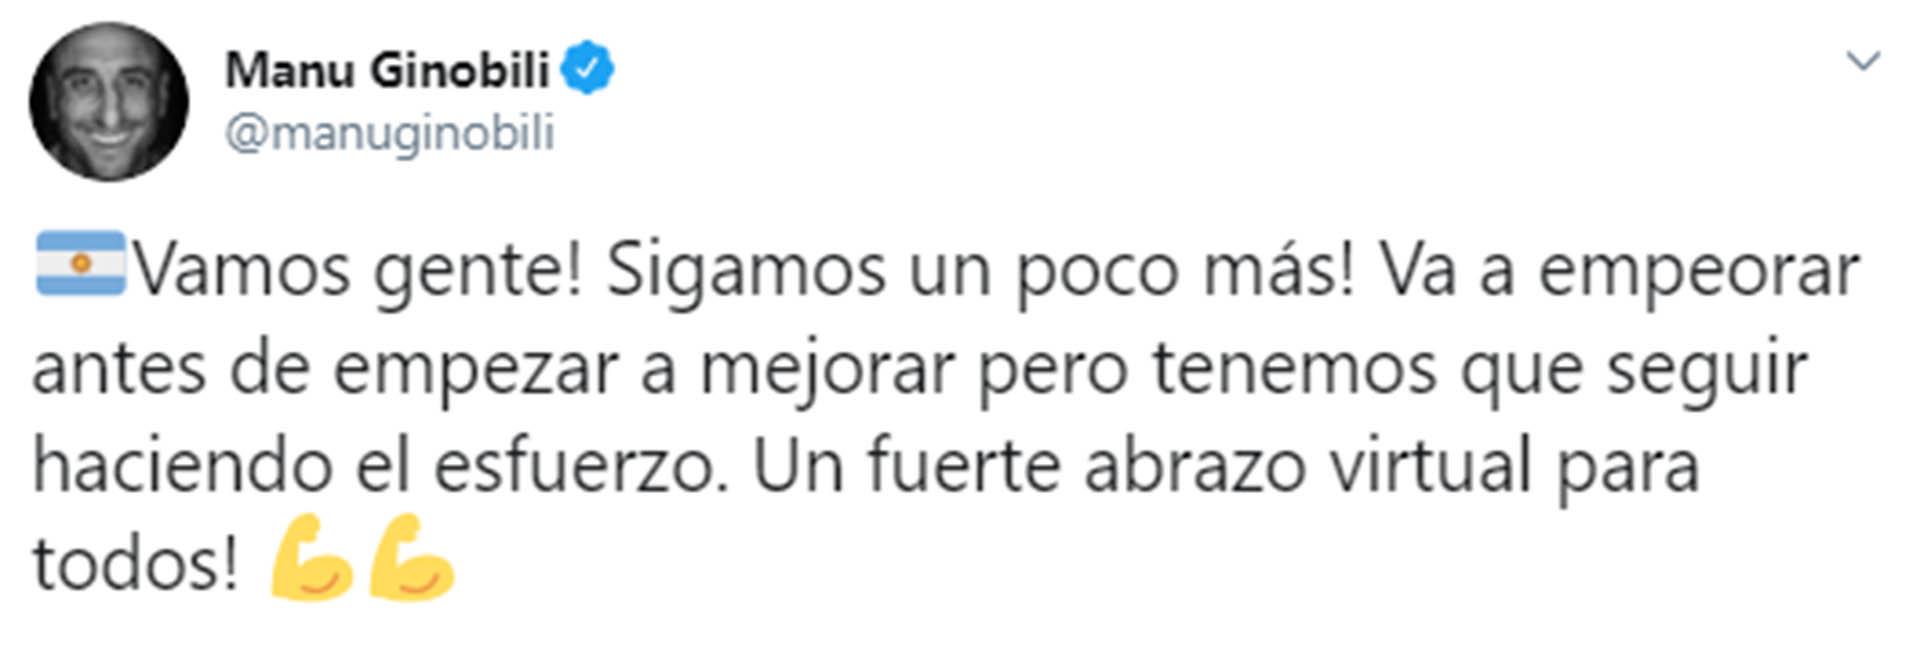 El mensaje de Manu Ginóbili hacia sus fanáticos en Argentina para concientizar sobre el coronavirus